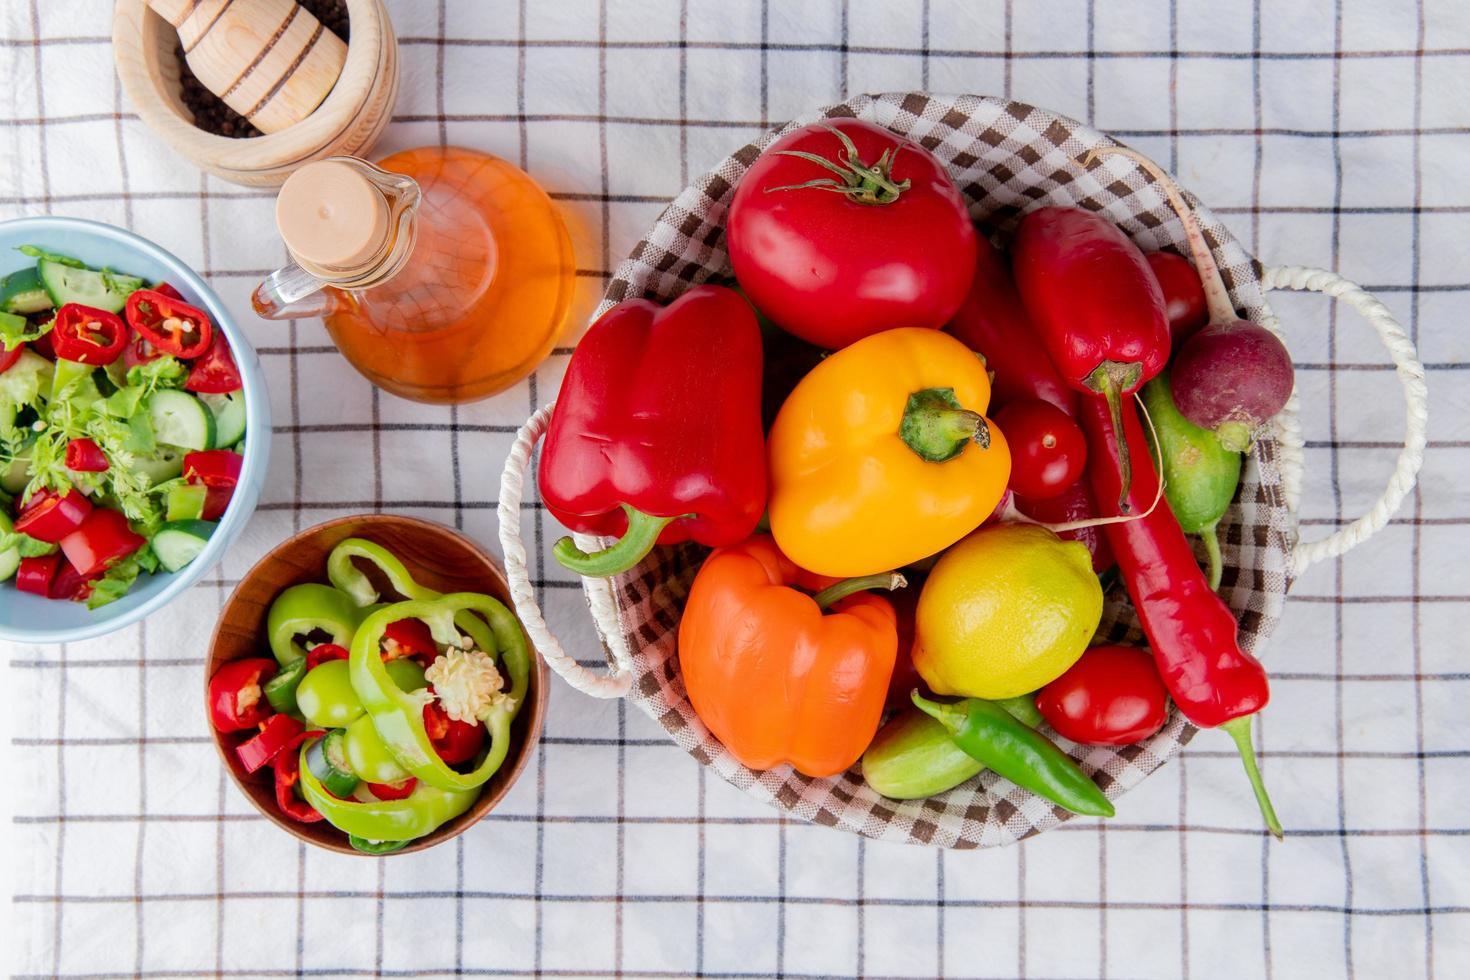 bovenaanzicht van groenten als paprika tomaat komkommer in mand met groentesalade gesmolten boter en knoflook crusher op geruite doek achtergrond foto